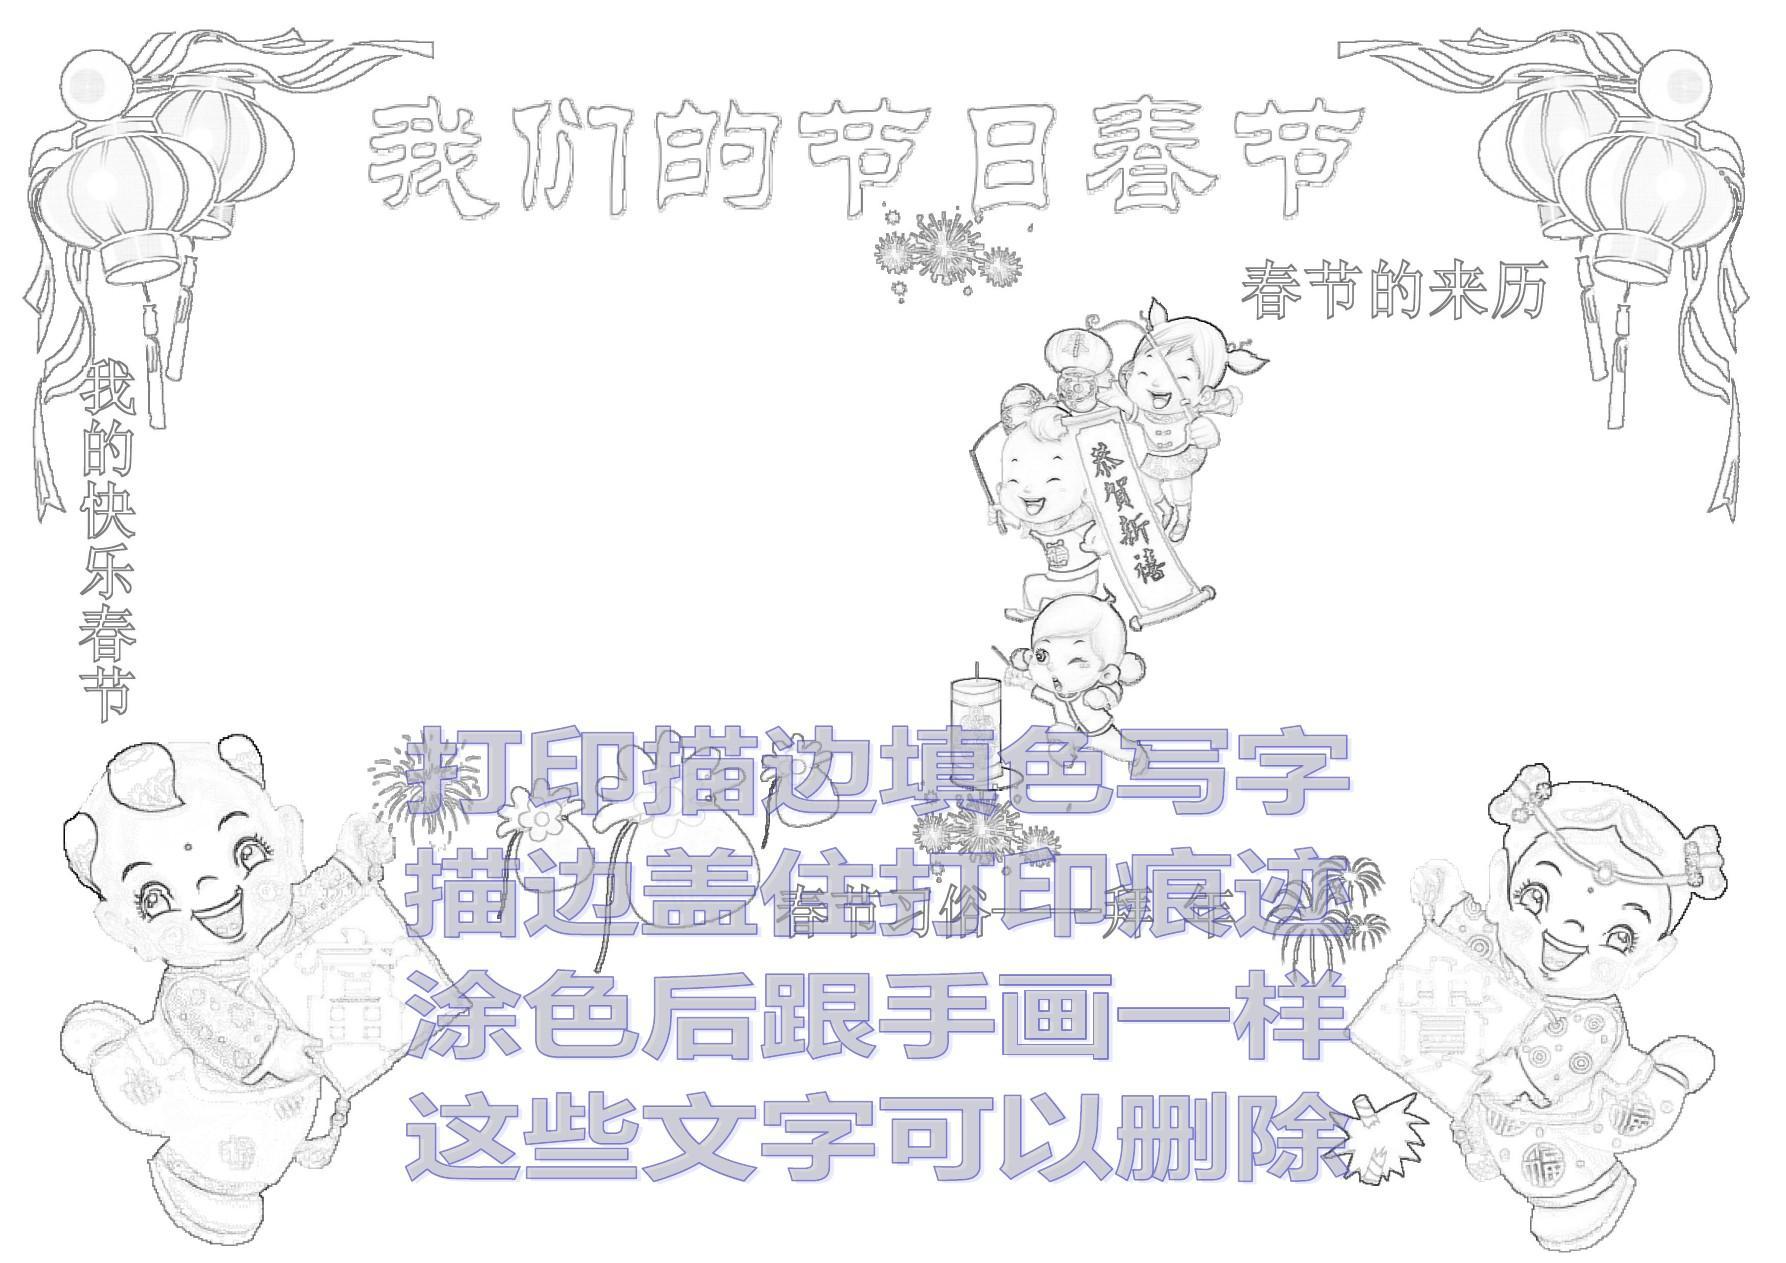 我们的节日春节799a3春节手抄报空白模板欢度春节描边涂色简报新年